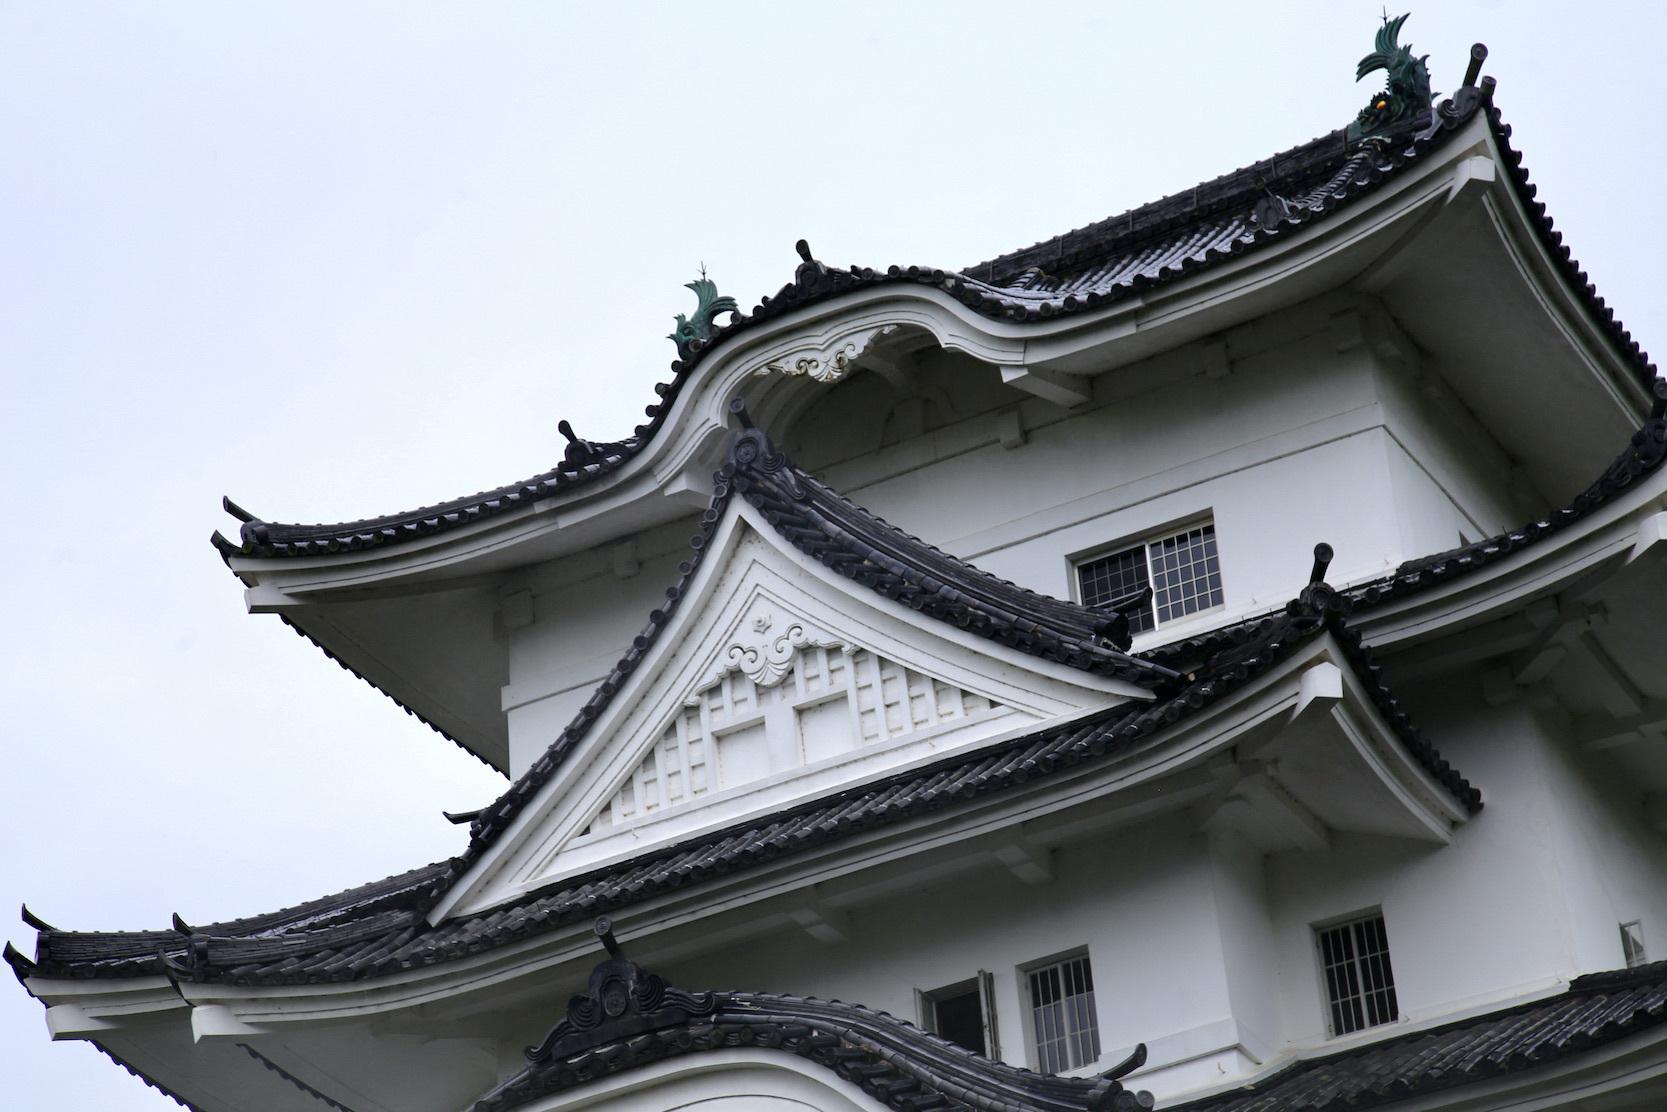 伊賀上野城登城 2021.8.19 Sanpo 457_e0237623_06194045.jpg